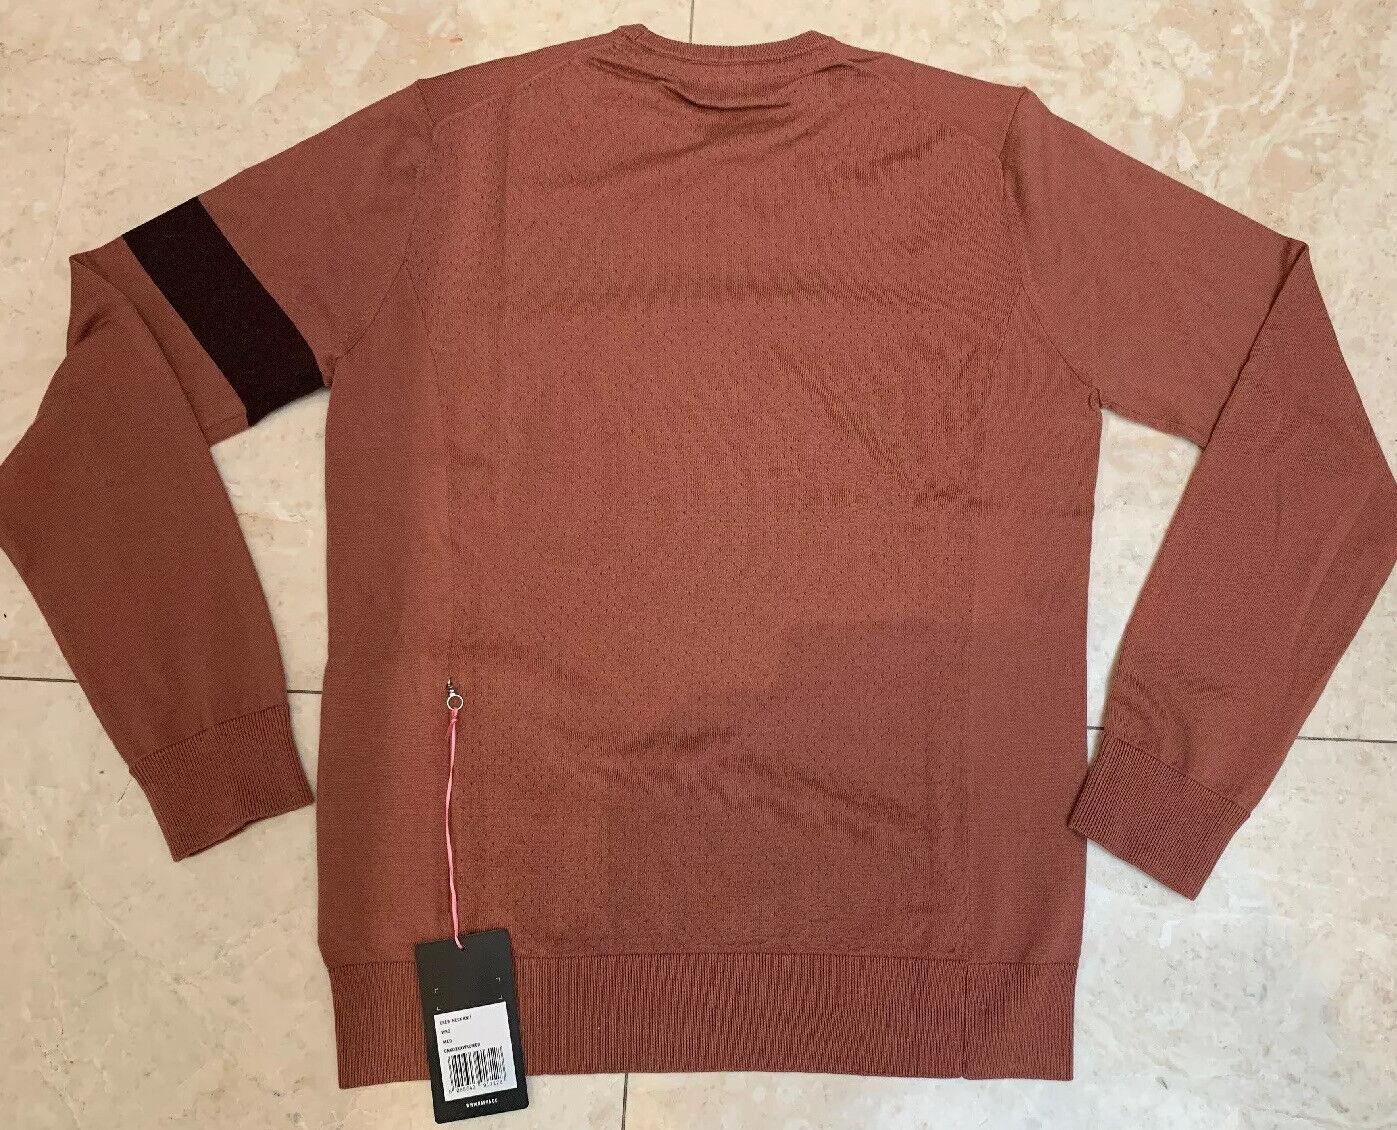 Rapha City Range Crew Neck Knit Dusty roze Groot Merk Nieuw met een label